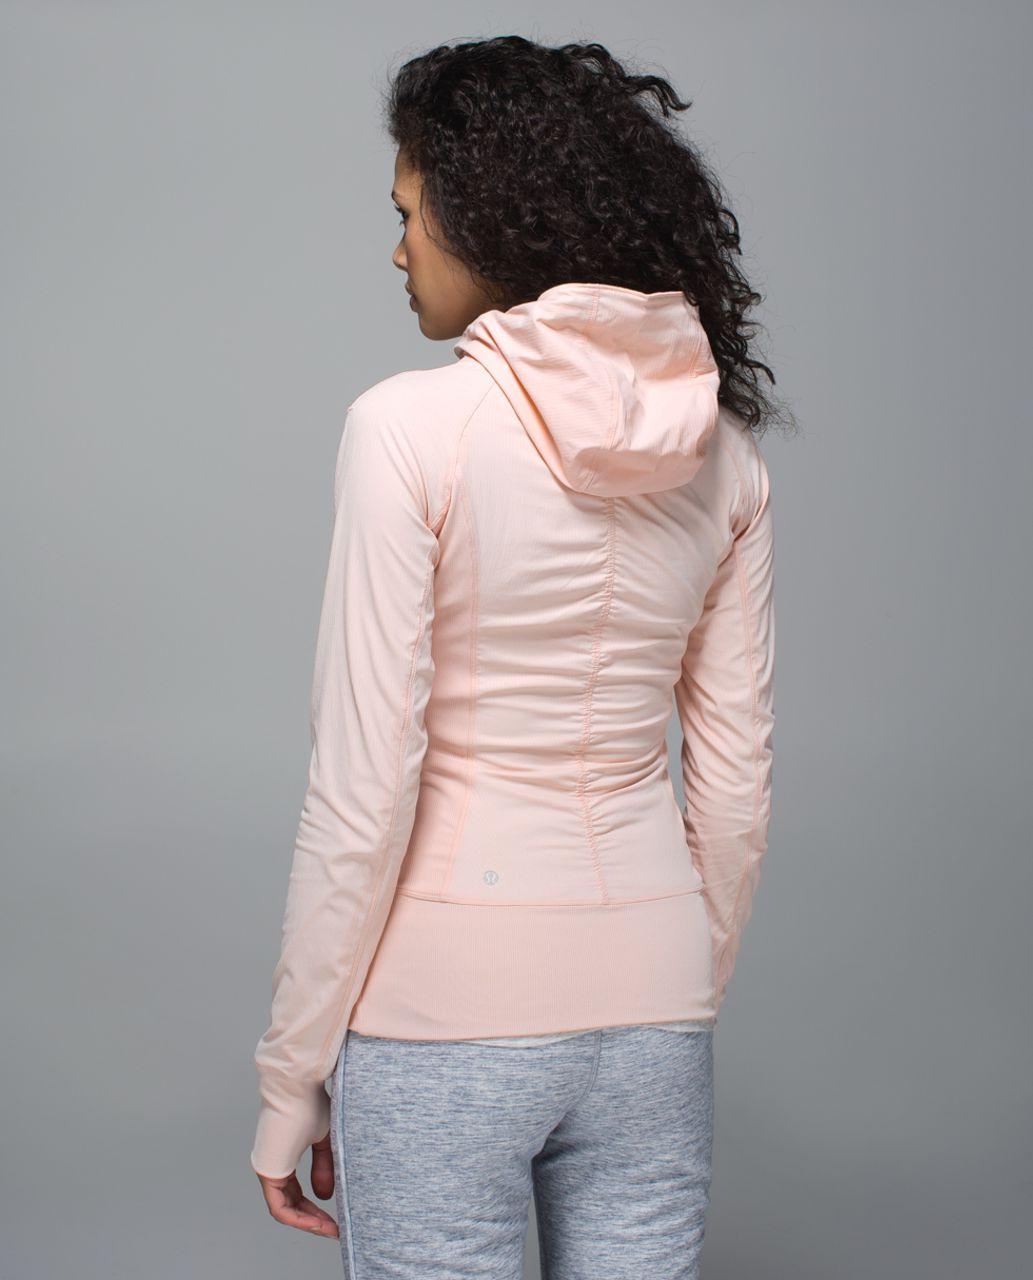 Lululemon In Flux Jacket - Butter Pink